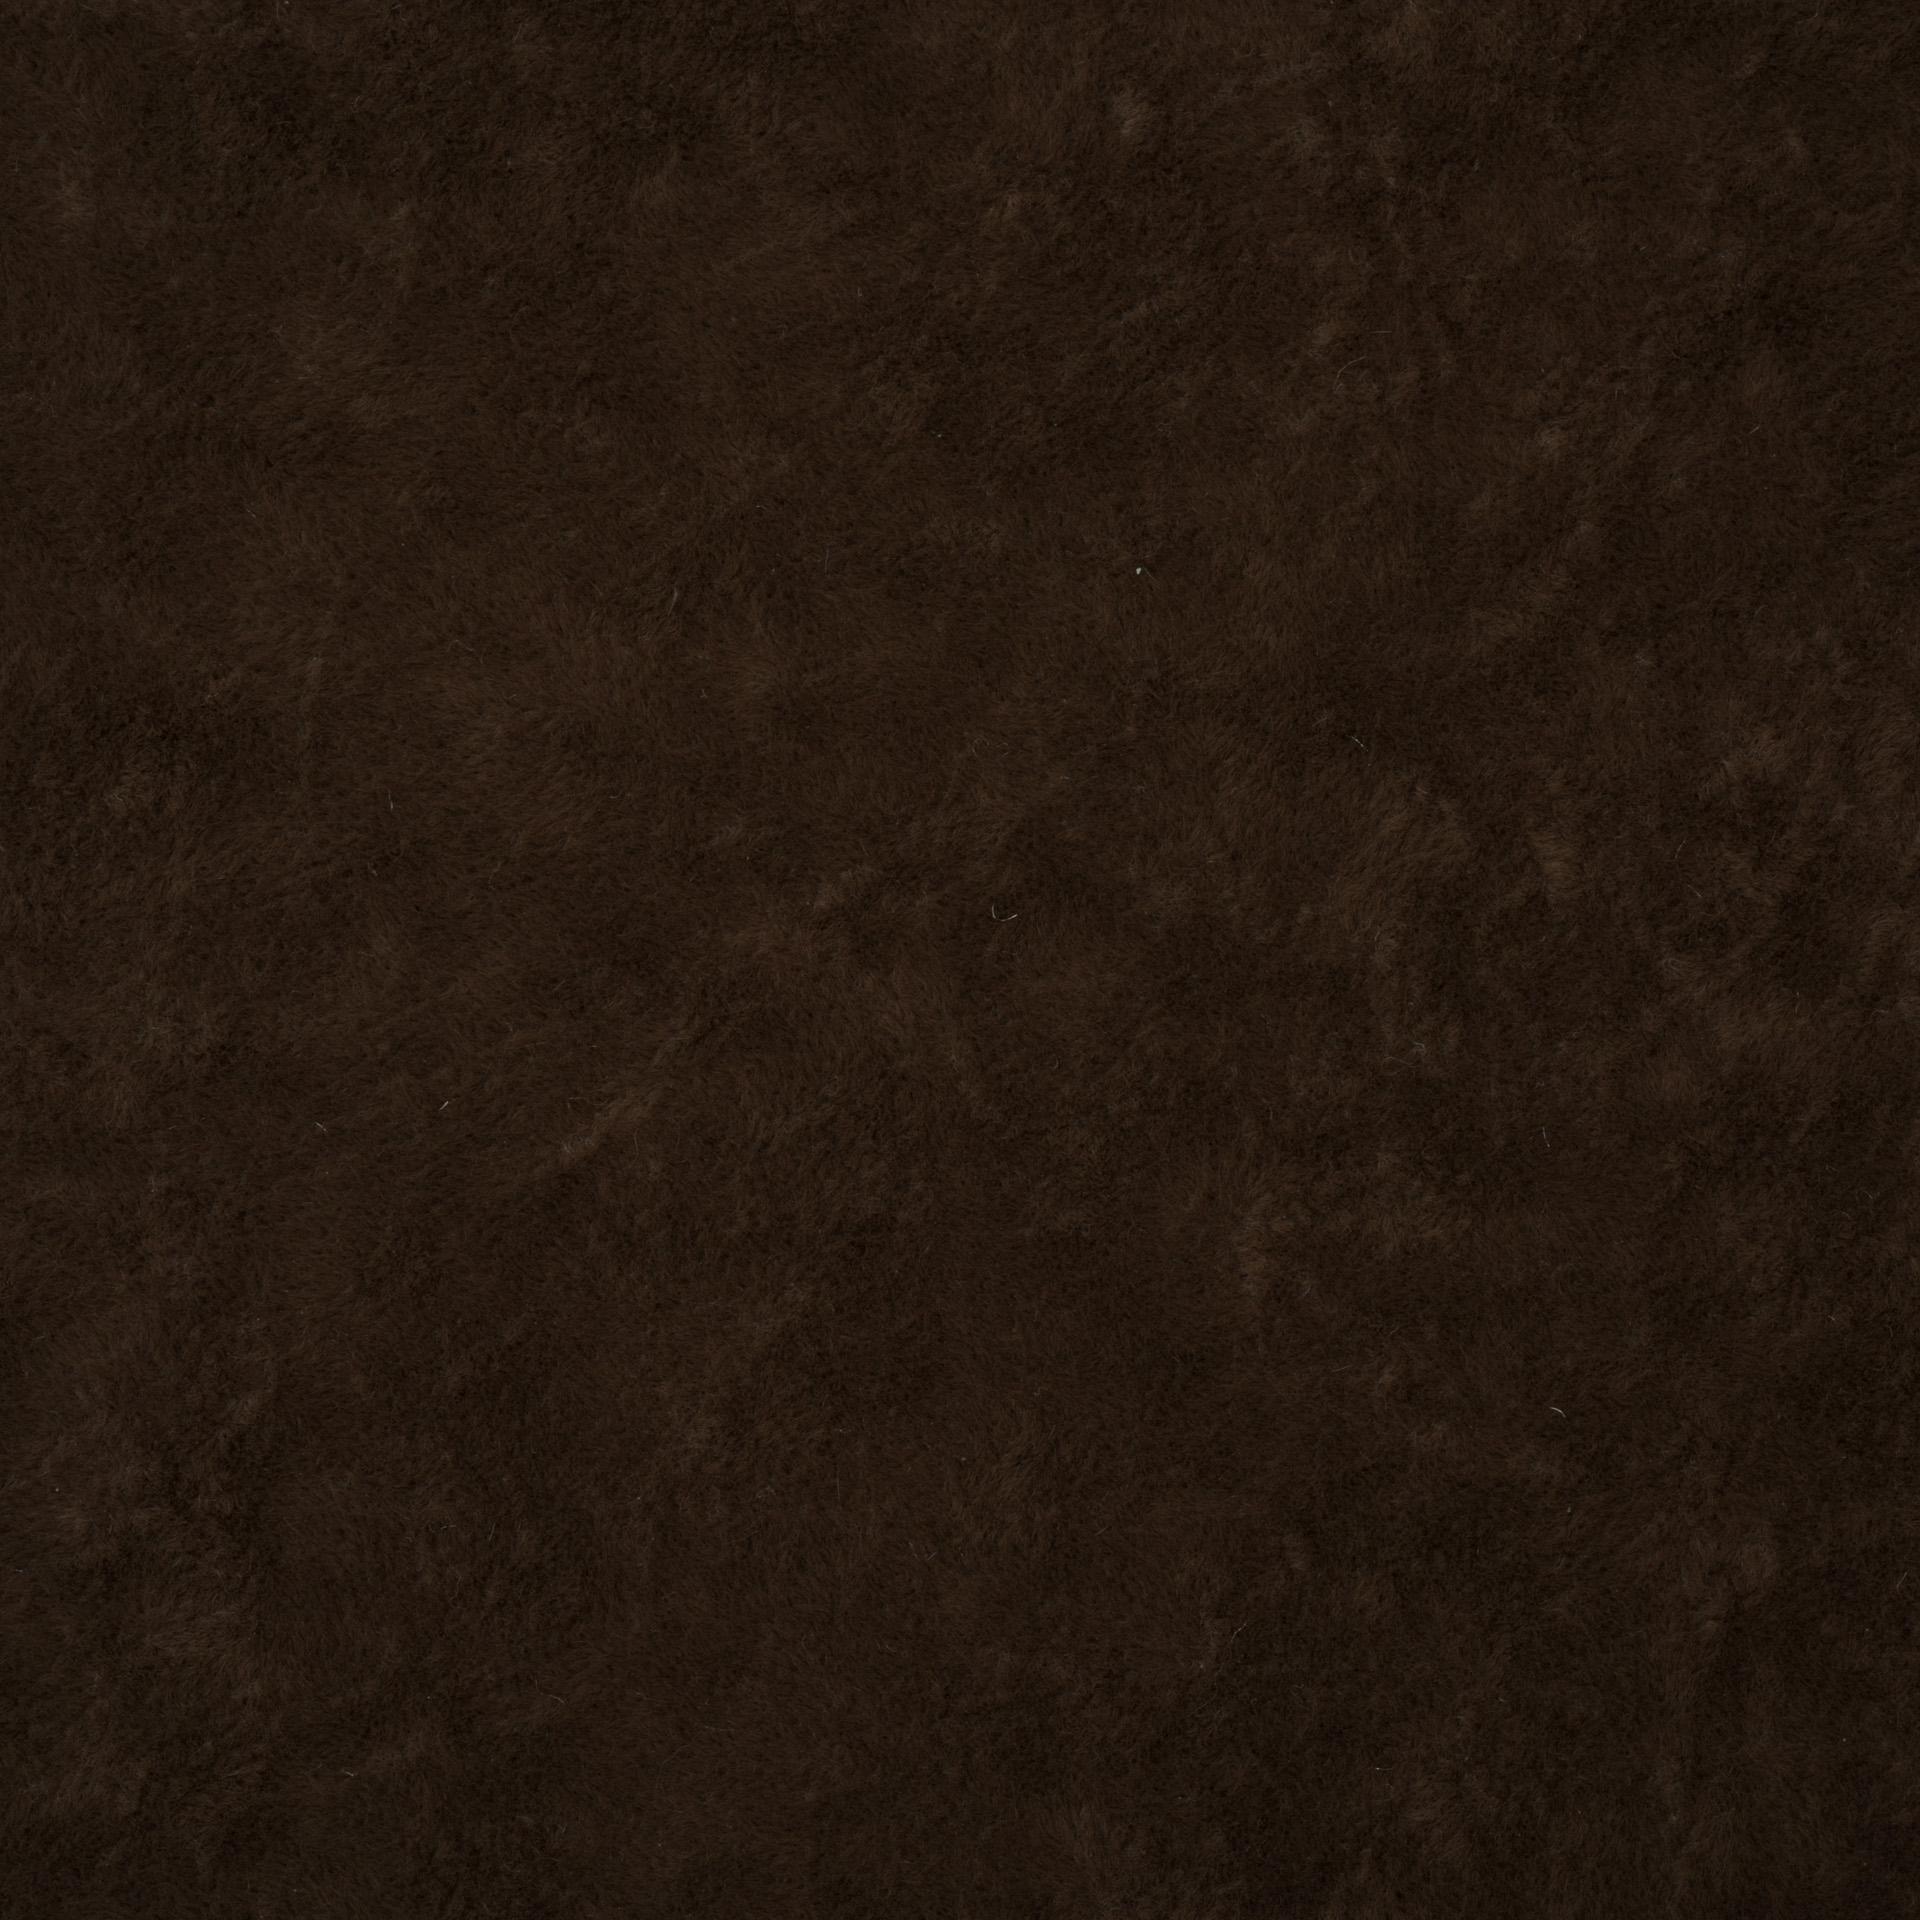 Коллекция ткани Финт BROWN,  купить ткань Флок для мебели Украина